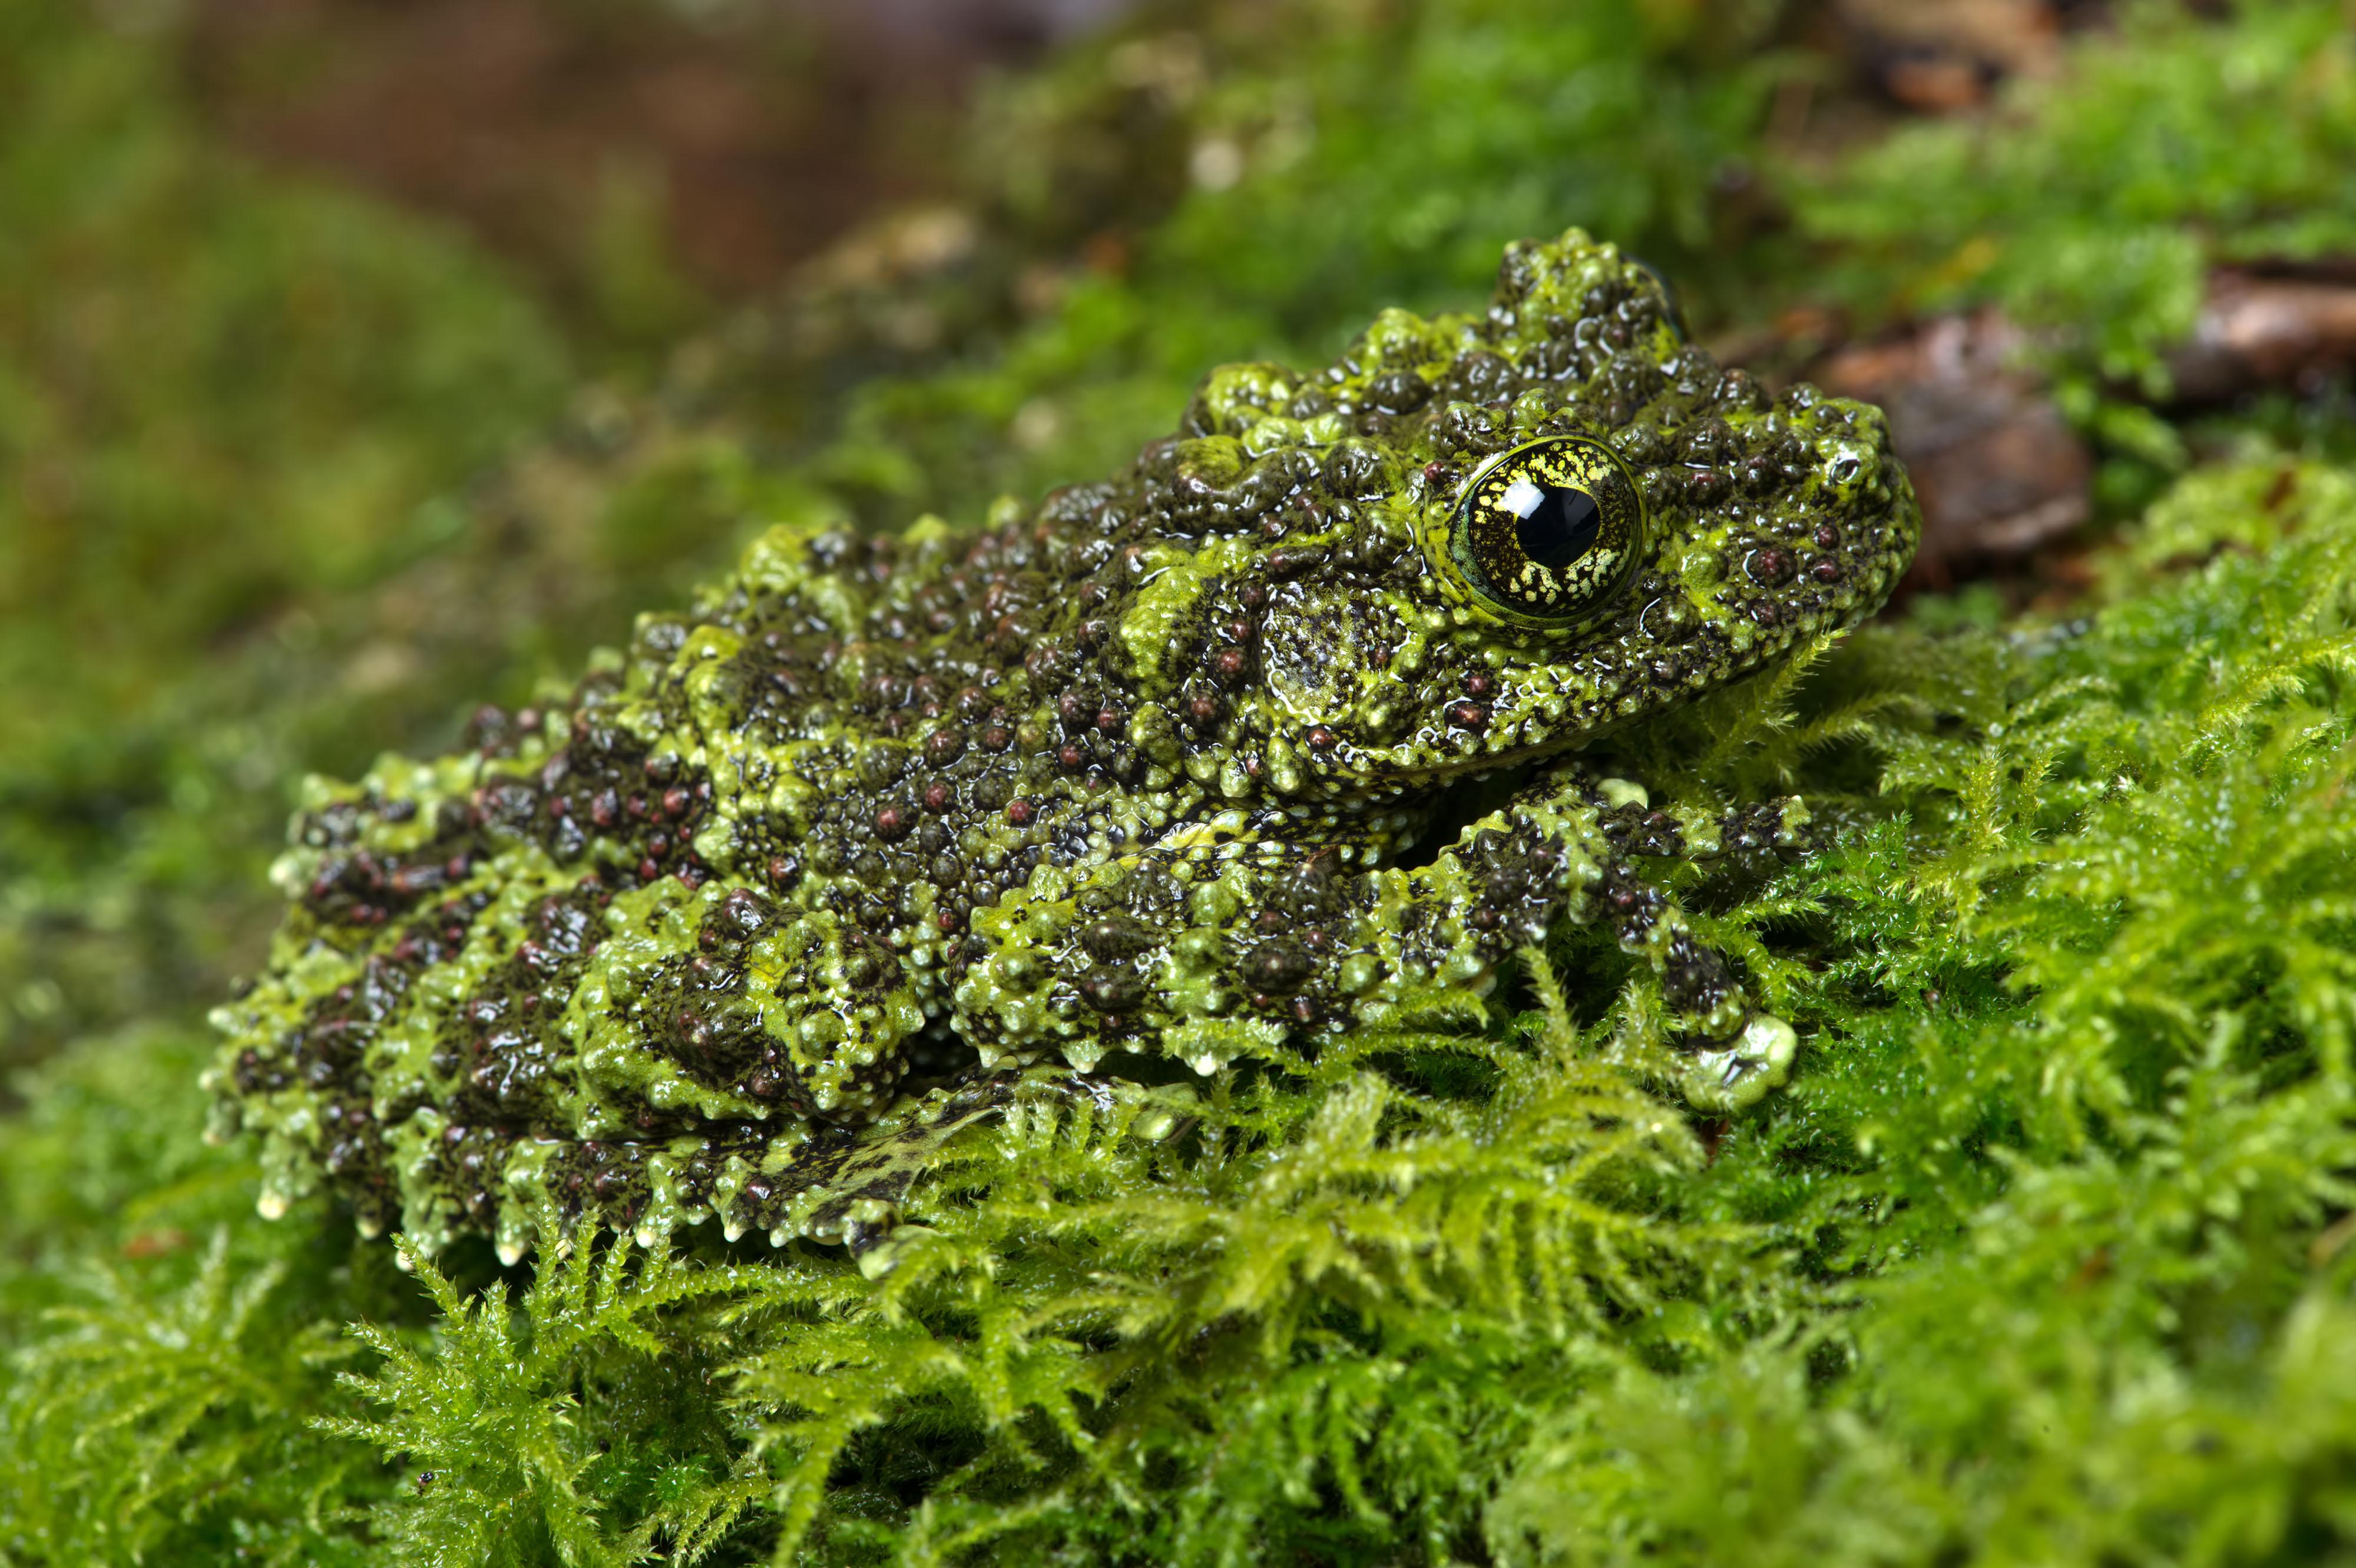 La grenouille mousse du Vietnam camouflée sur un fond mousseux – edited